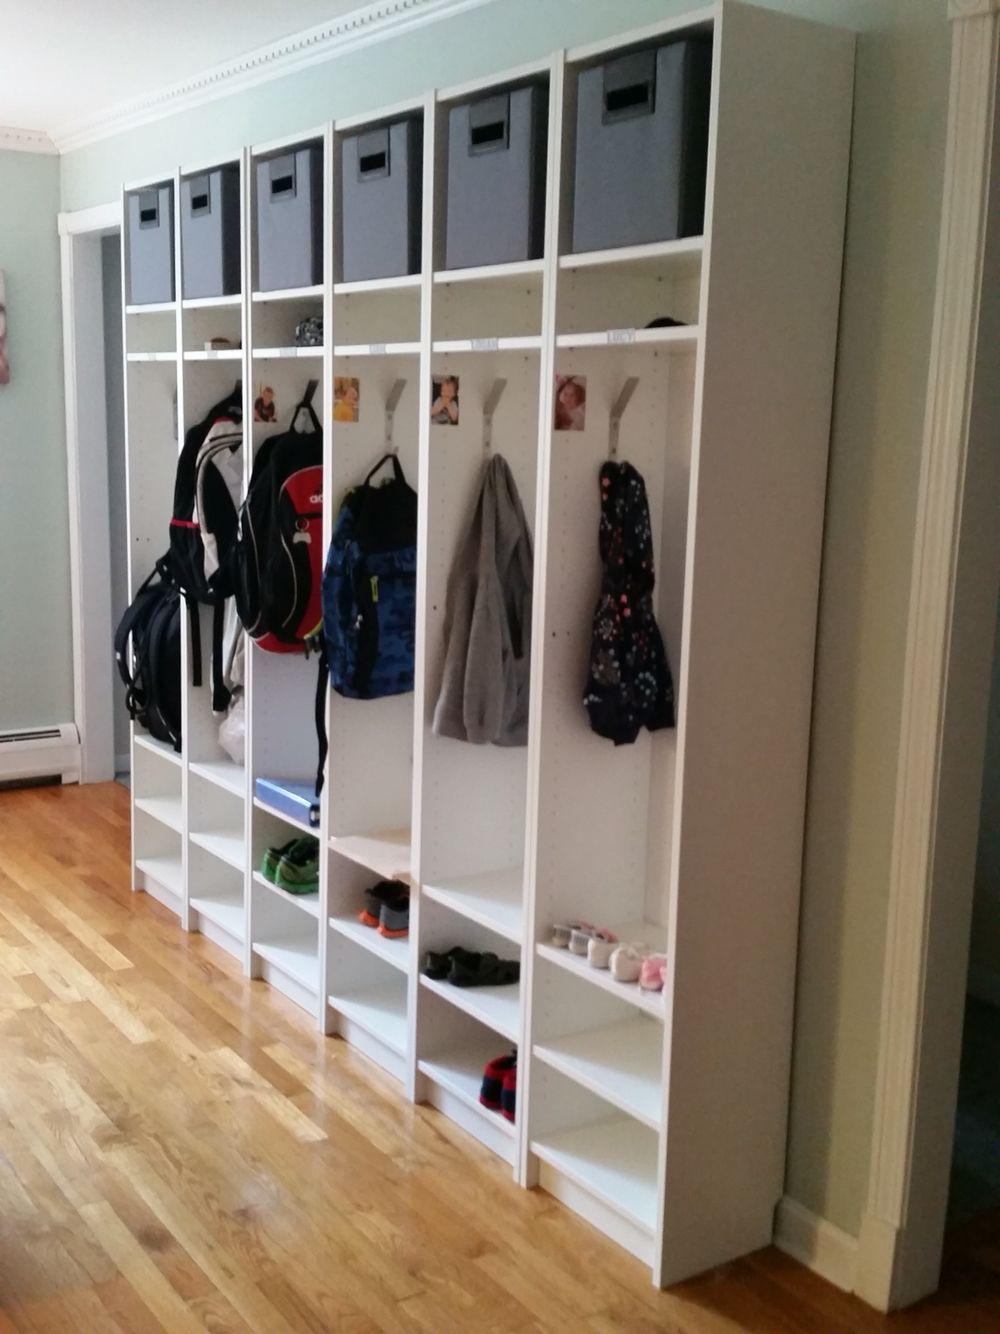 Armoire Wardrobe Coat Closet